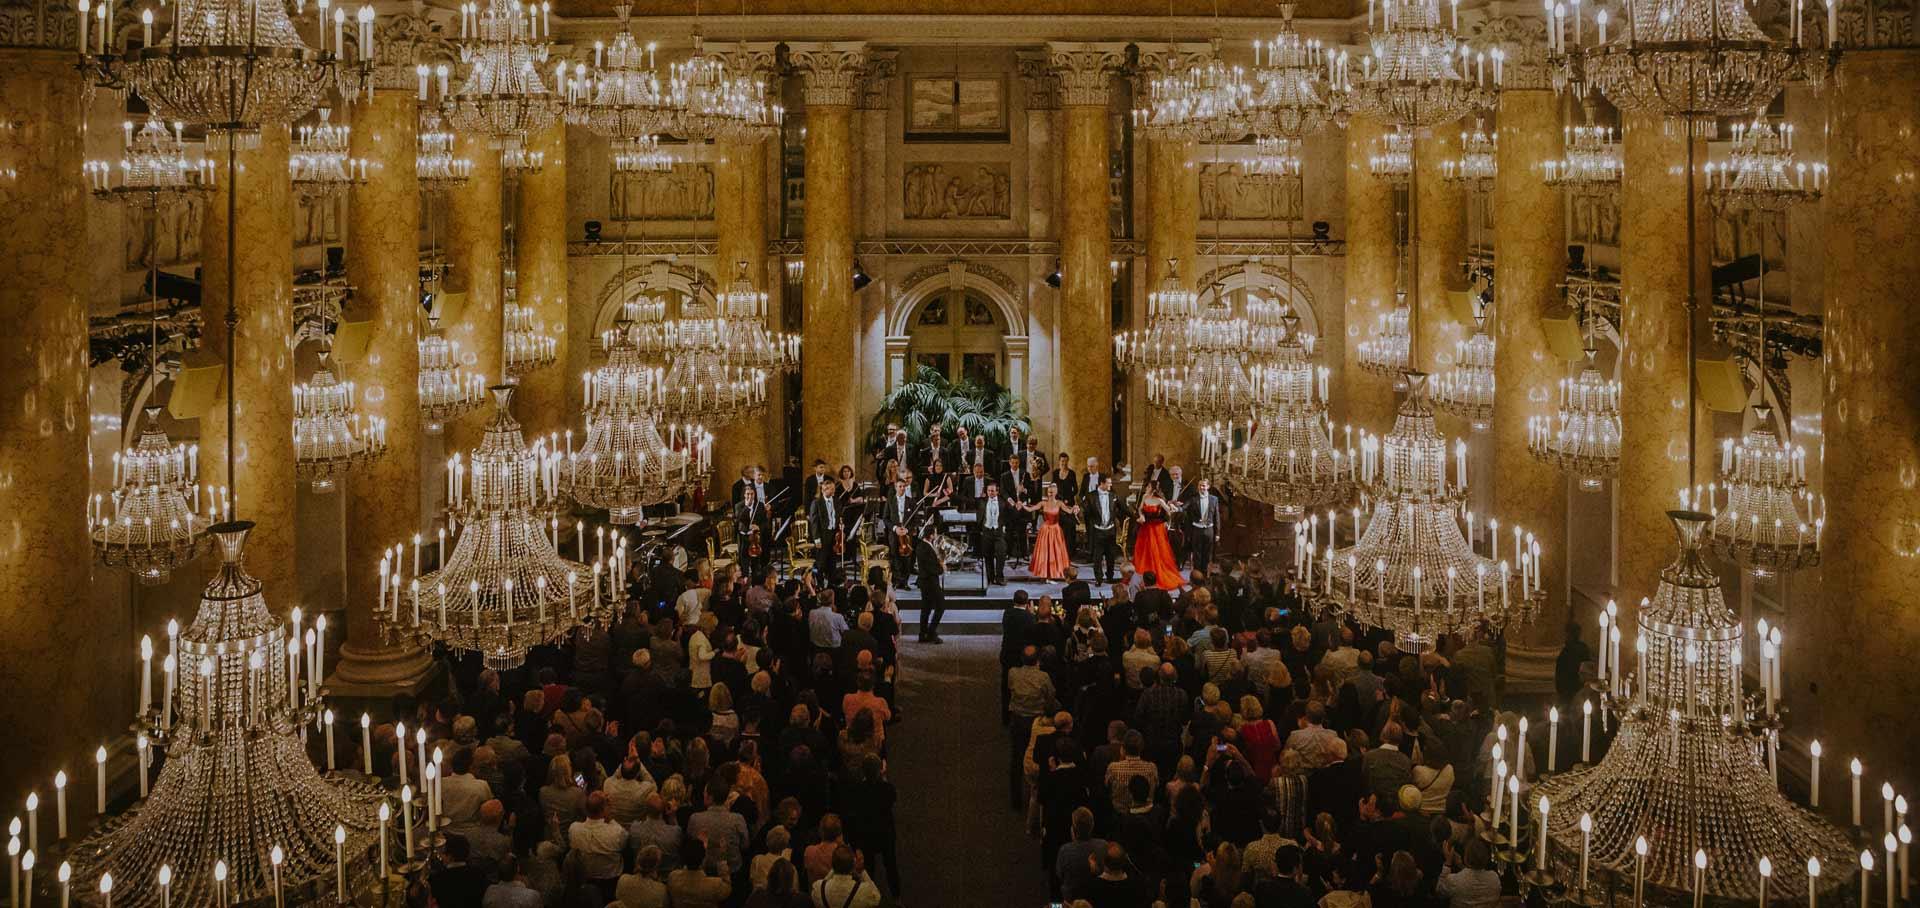 Wiener Hofburg-Orchester bei einem klassischen Konzert im Zeremoniensaal der Hofburg Wien mit standing ovations